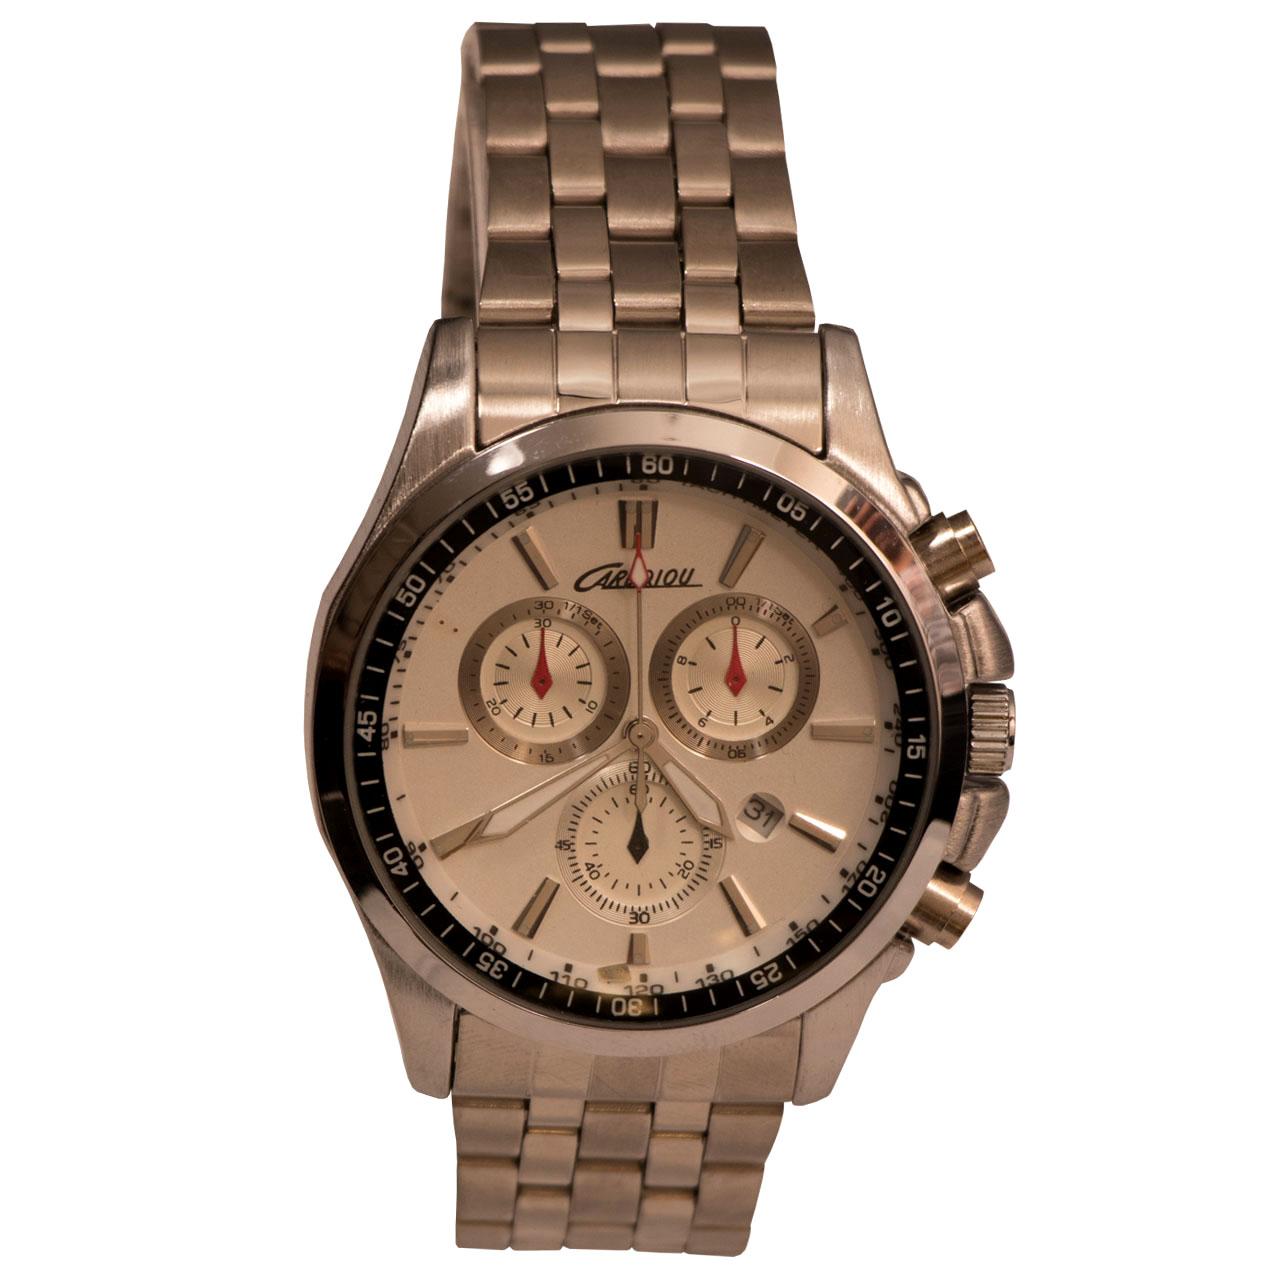 ساعت مچی عقربه ای مردانه کاردکیو مدل CARDQIOU11